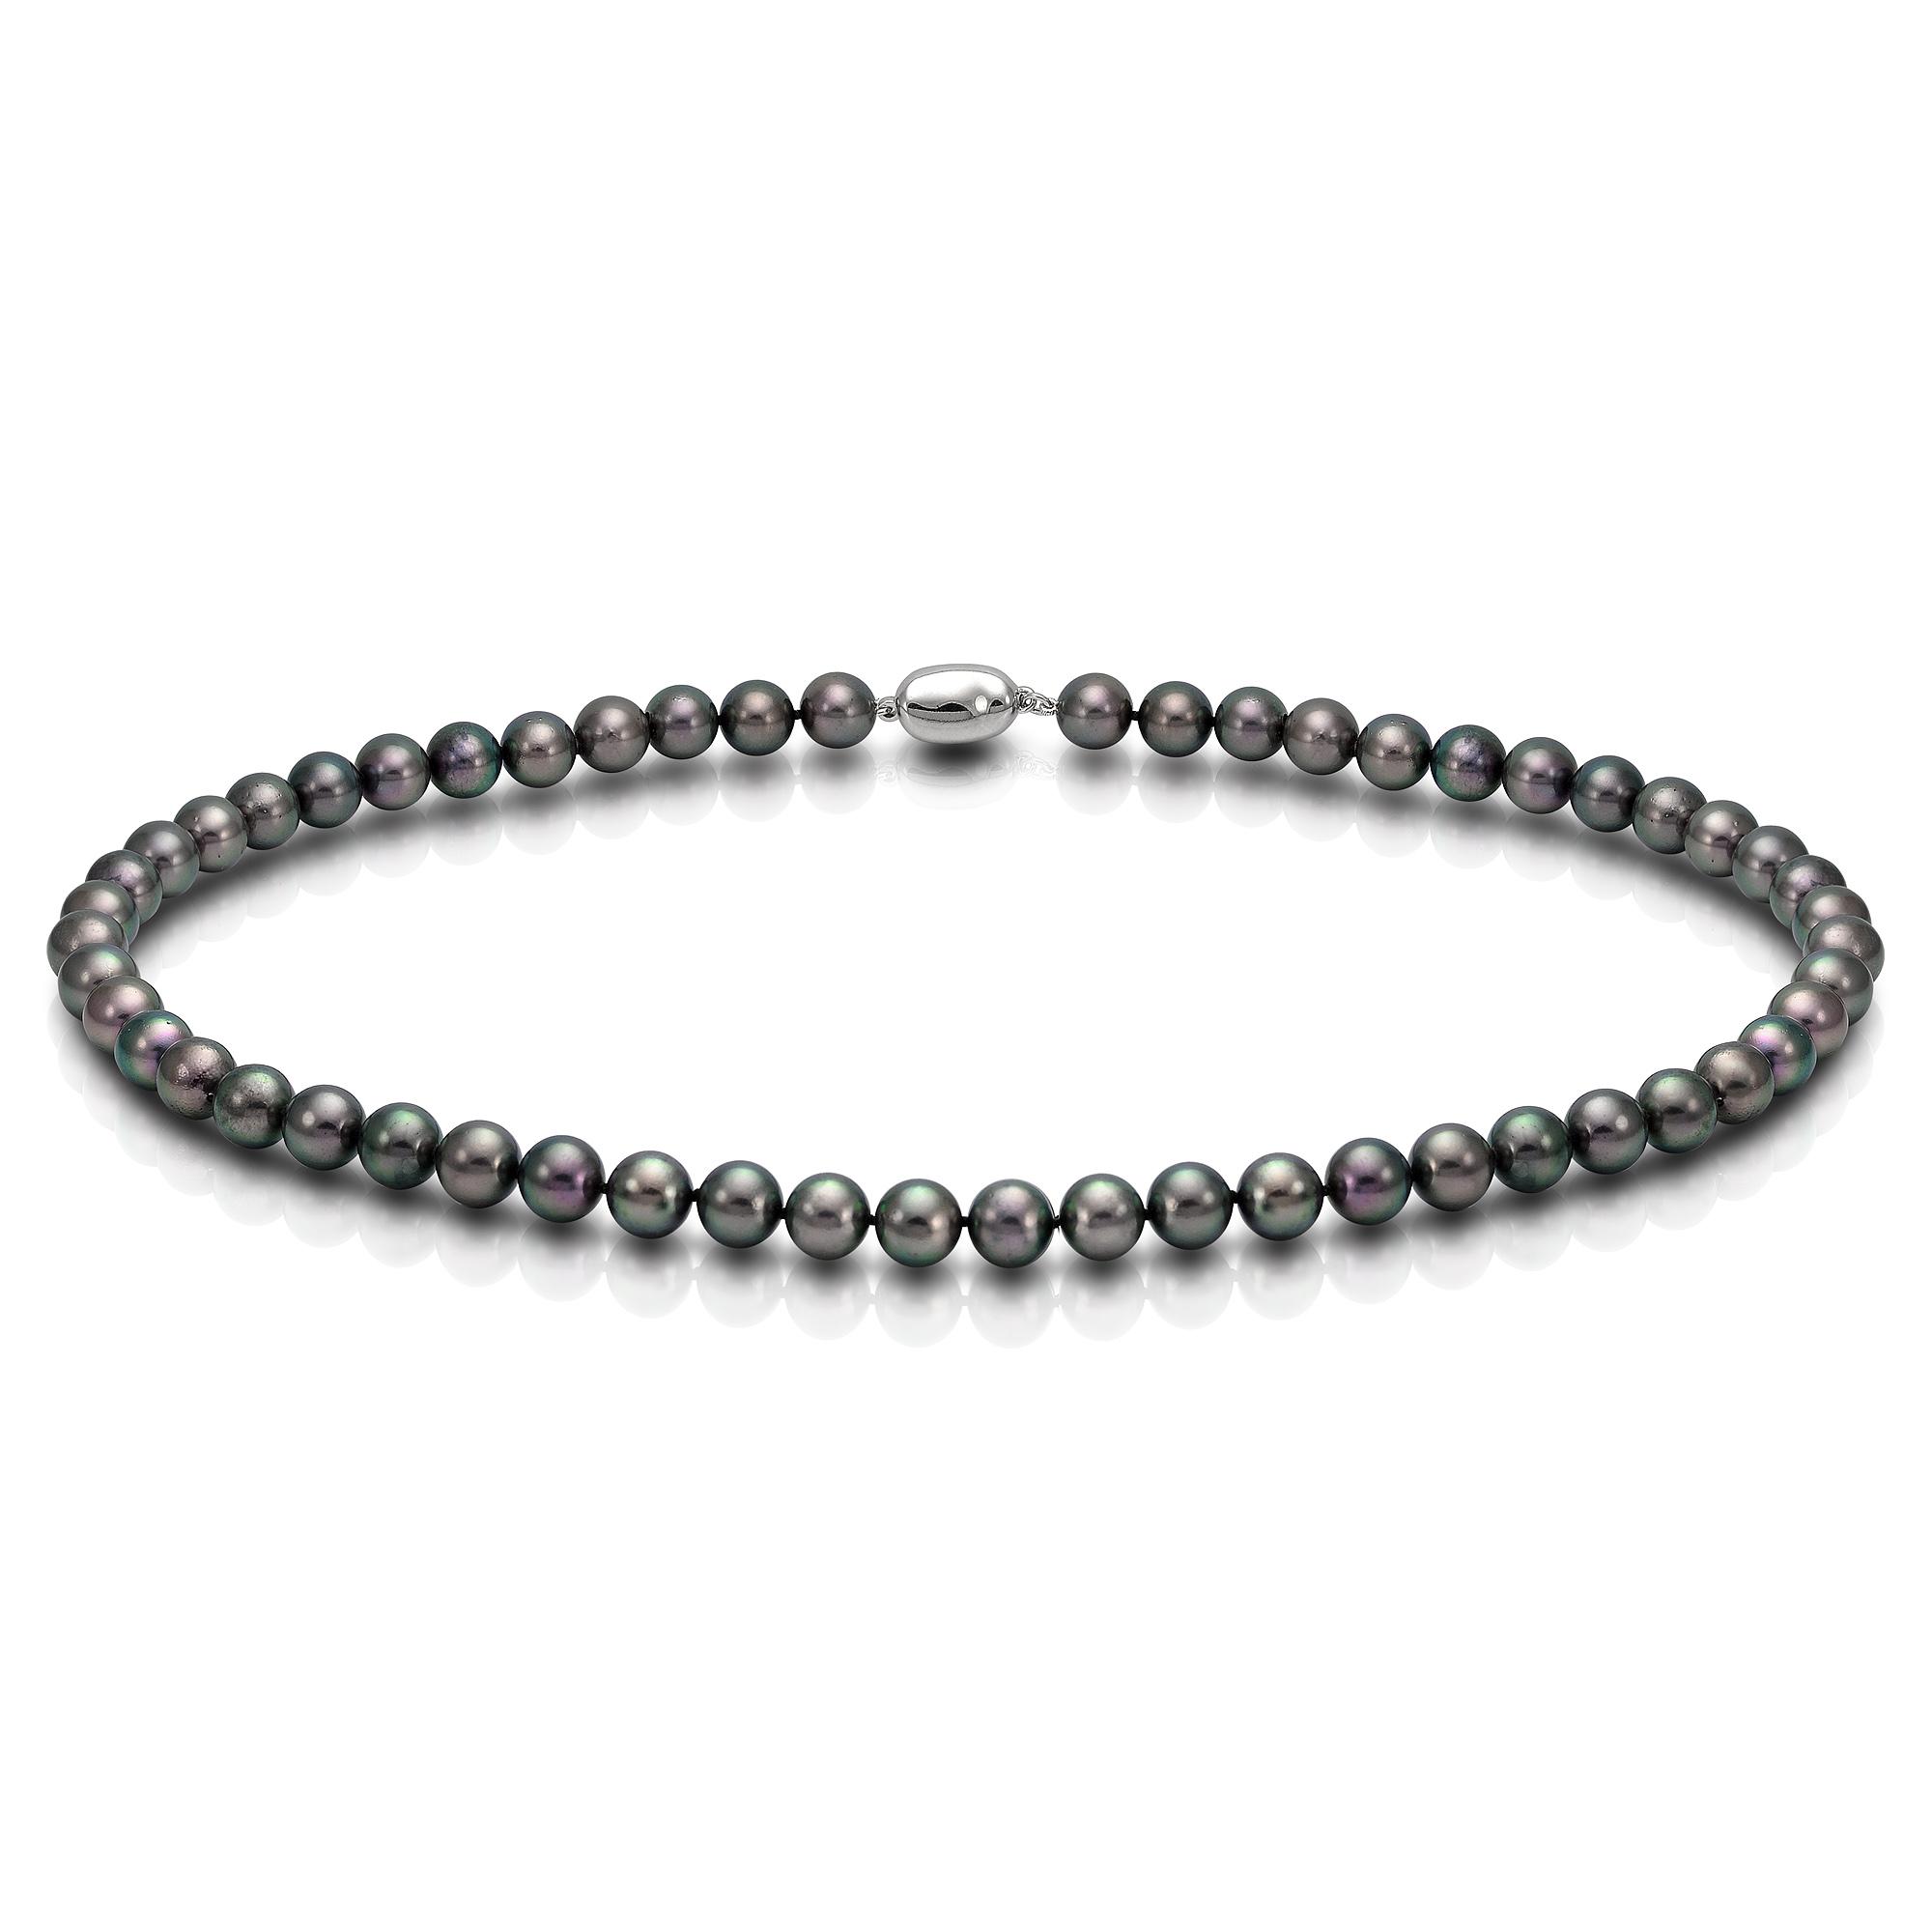 Ожерелье из черного круглого морского жемчуга Акойя (Япония). Жемчужины 8-8,5